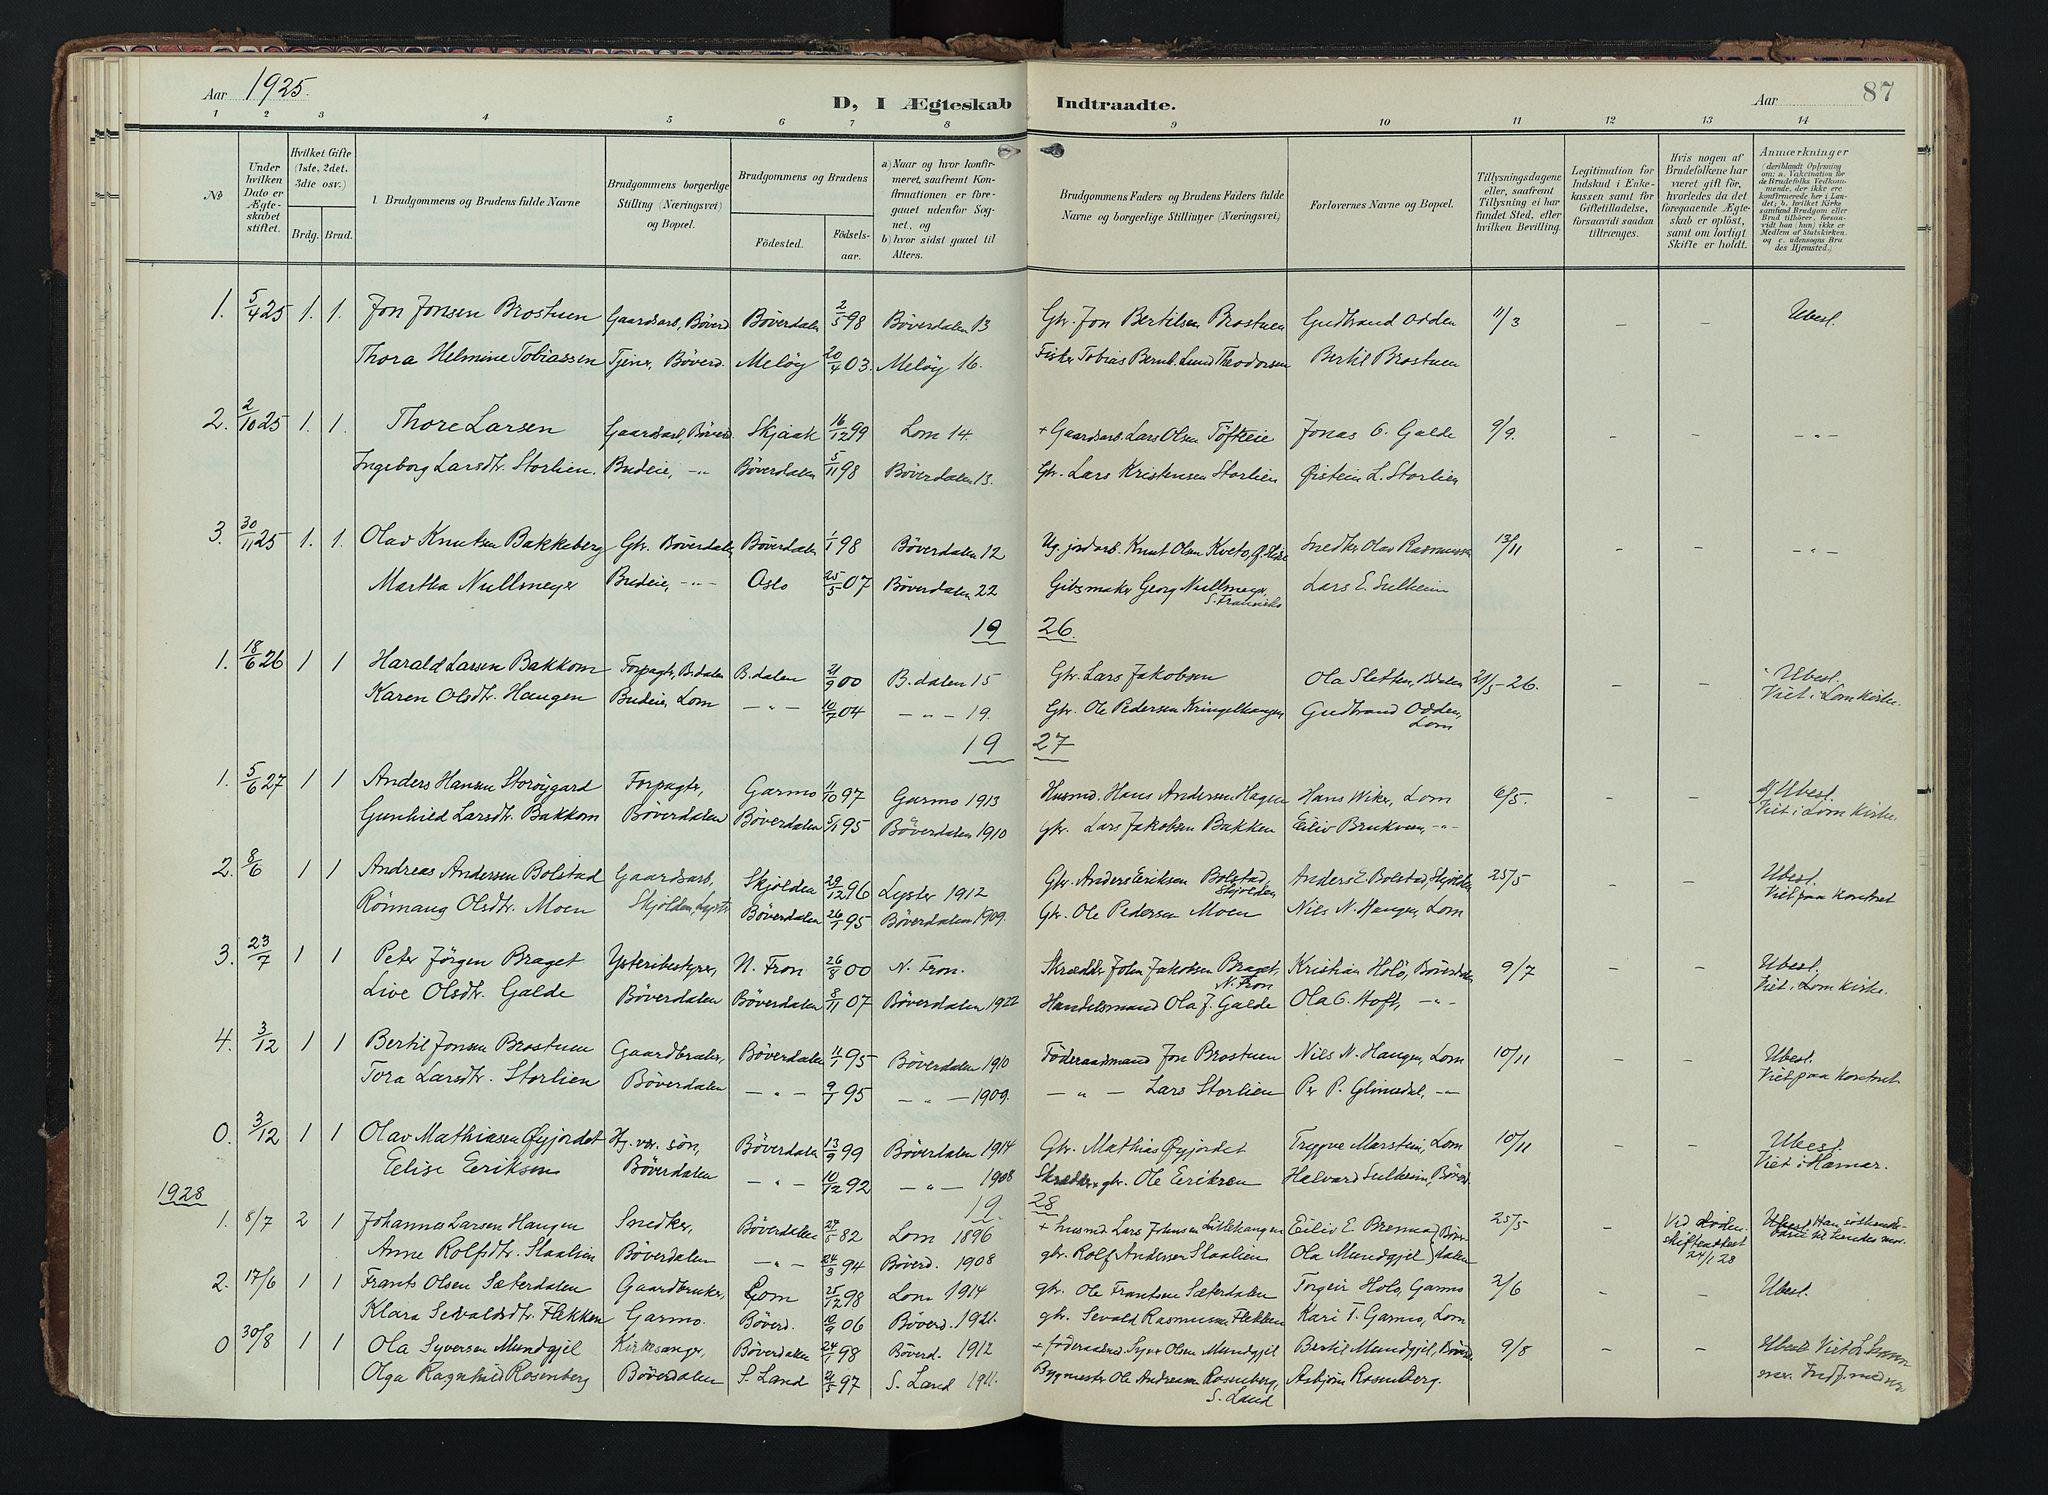 SAH, Lom prestekontor, K/L0012: Ministerialbok nr. 12, 1904-1928, s. 87